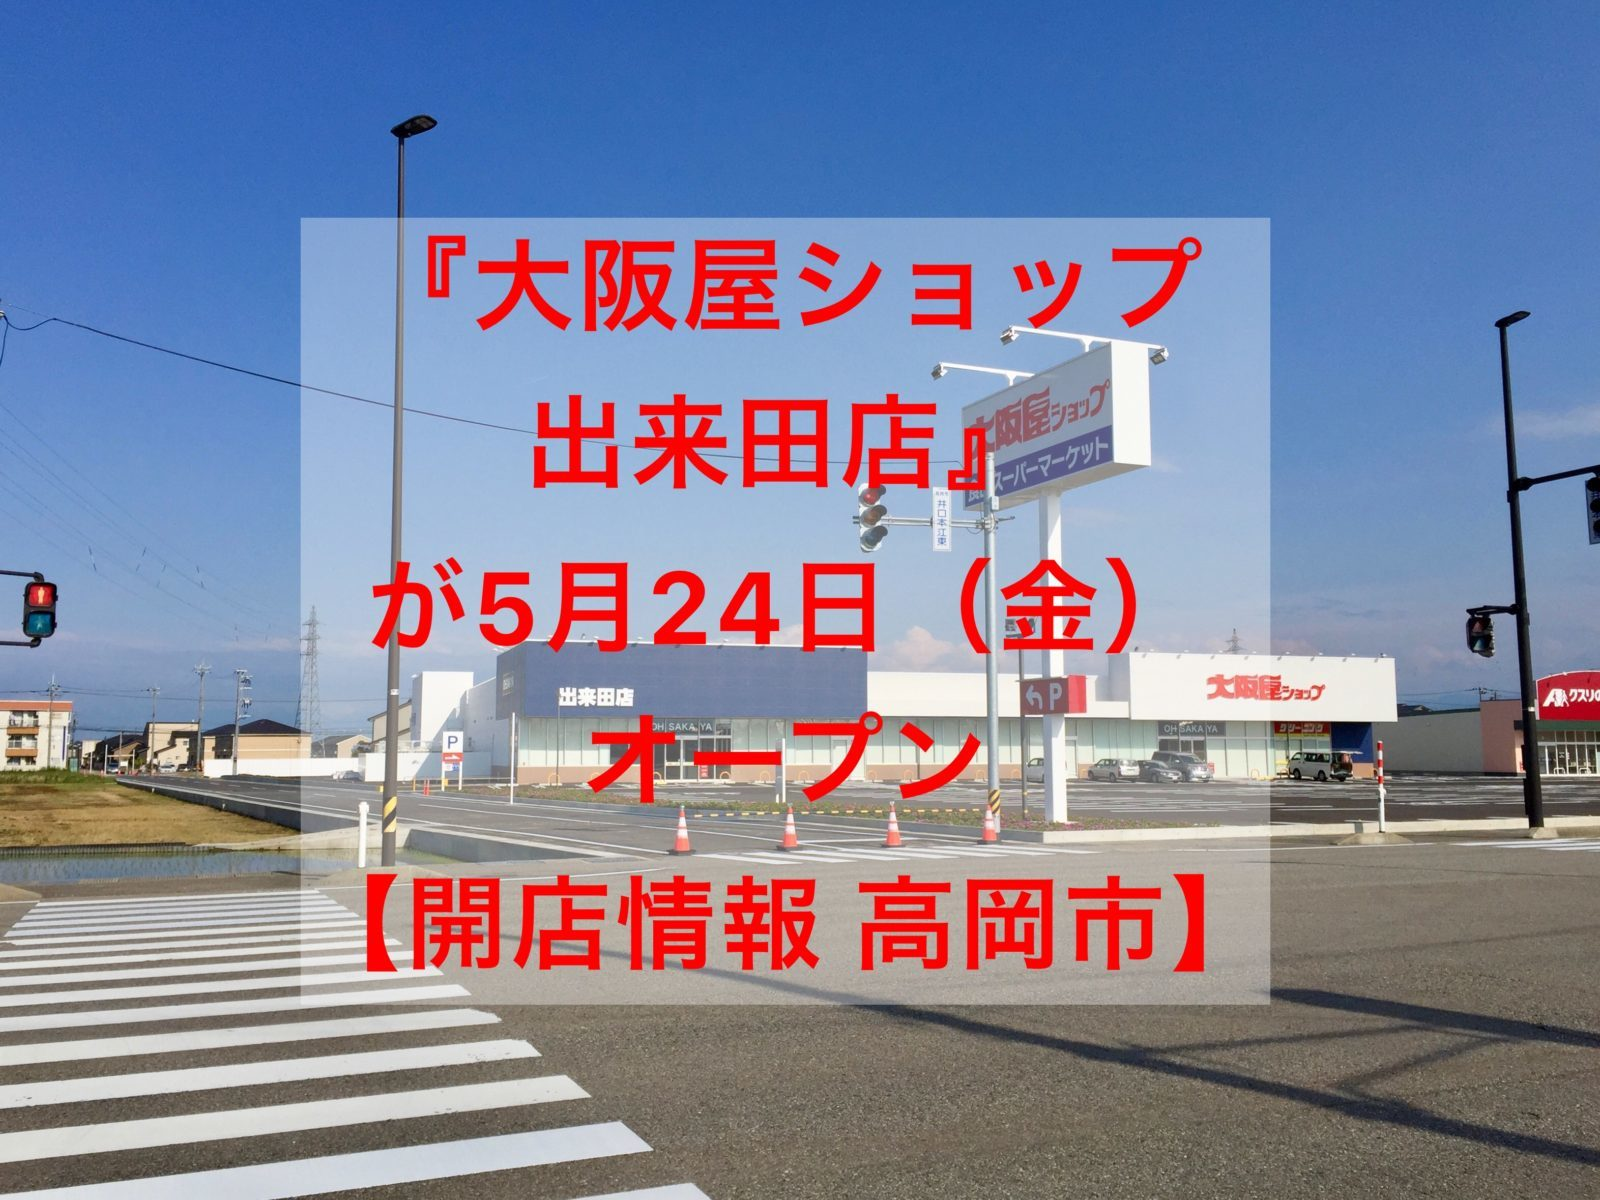 大阪 屋 ショップ